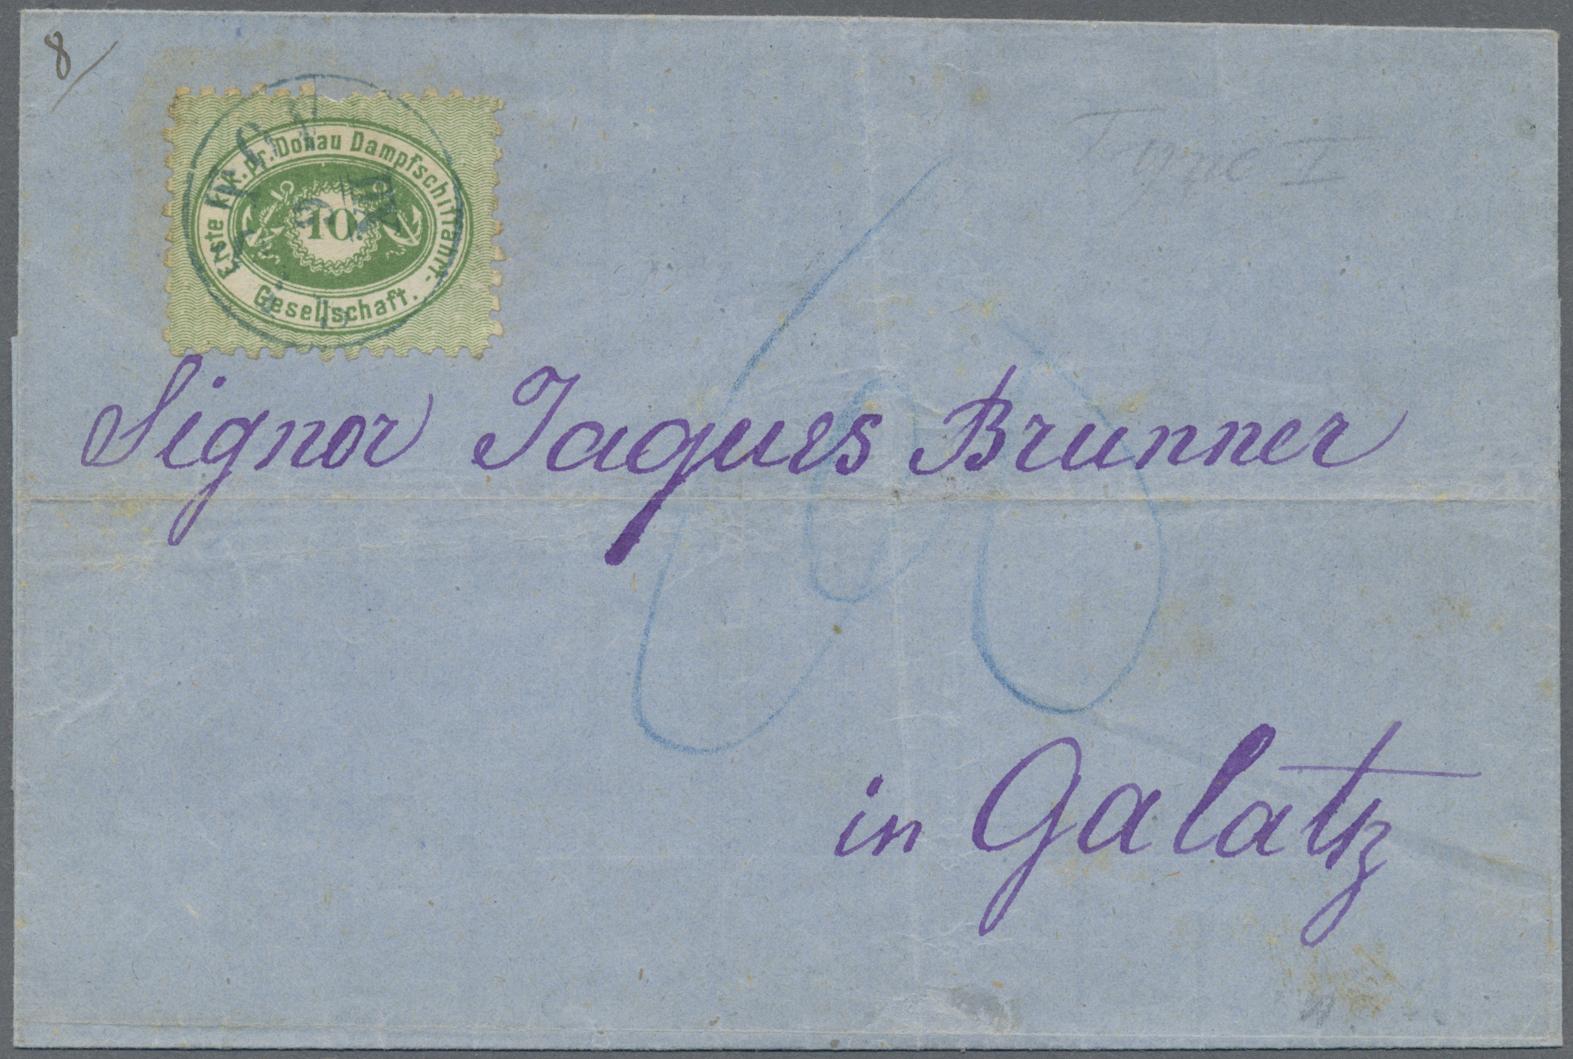 Lot 18195 - Österreich - Donau-Dampfschifffahrtsgesellschaft  -  Auktionshaus Christoph Gärtner GmbH & Co. KG Single lots Philately Overseas & Europe. Auction #39 Day 4